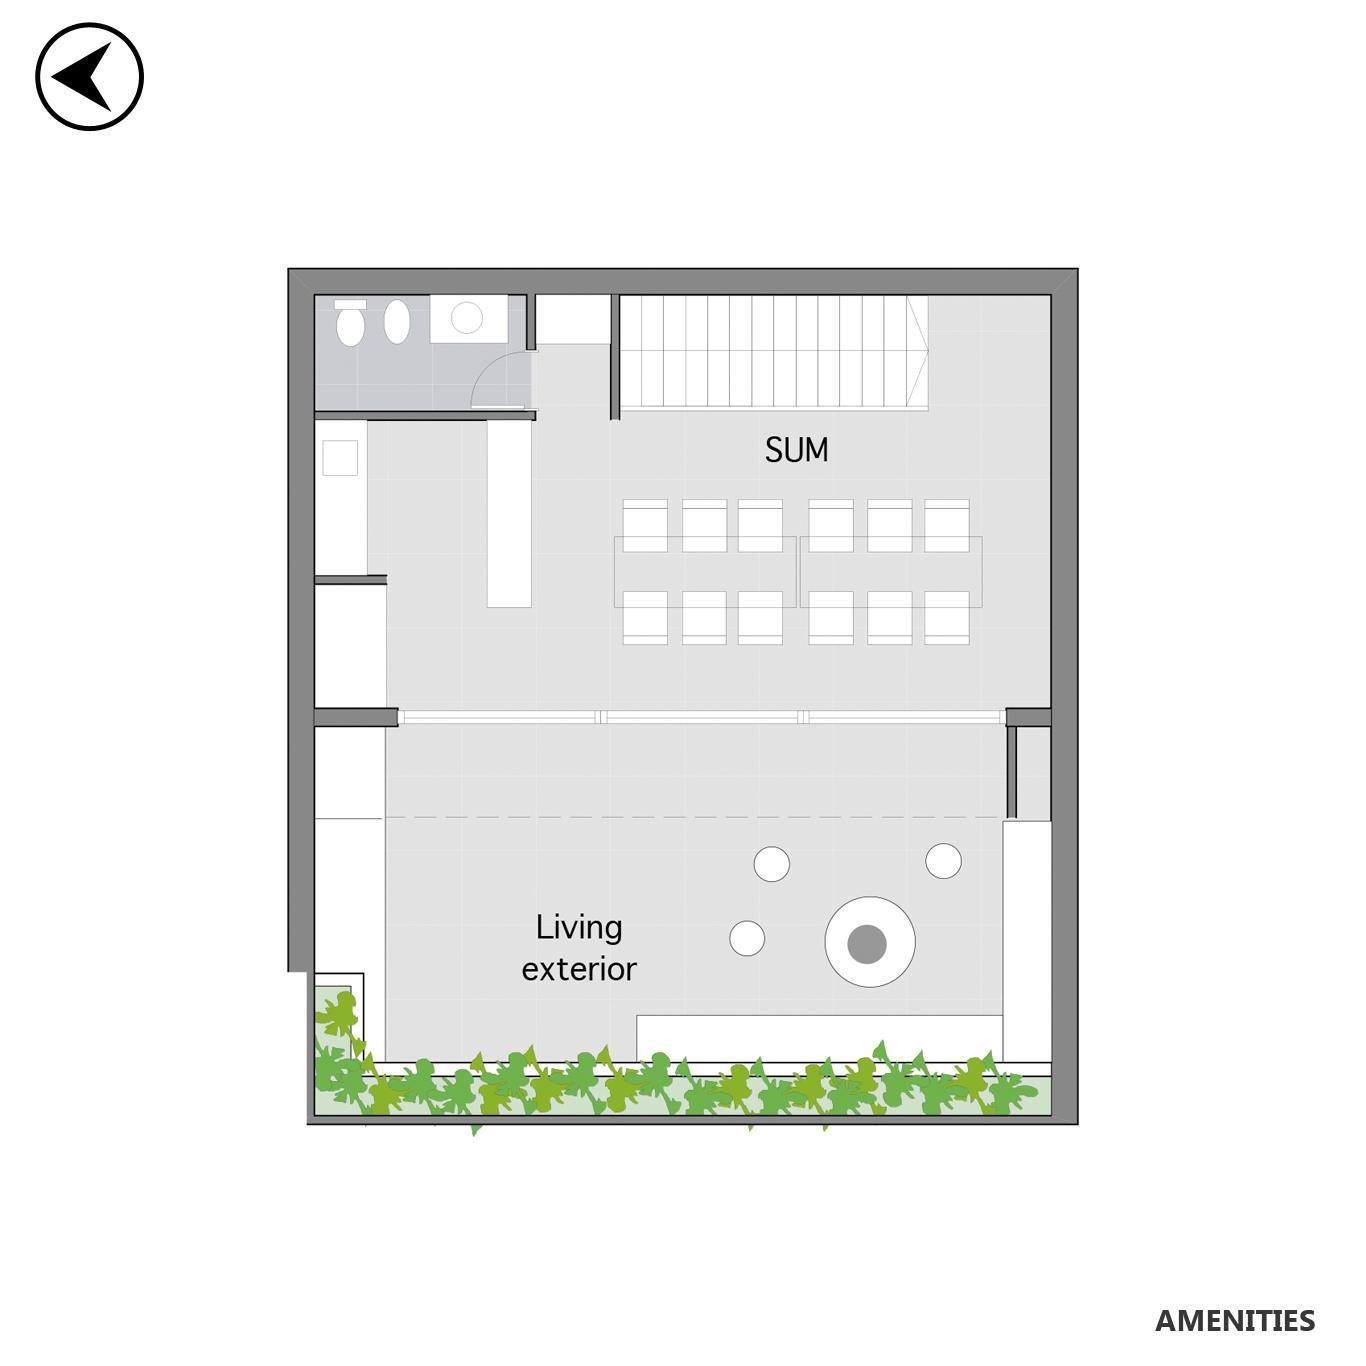 Venta departamento 2 dormitorios Rosario, Martin. Cod CBU24537 AP2285372. Crestale Propiedades